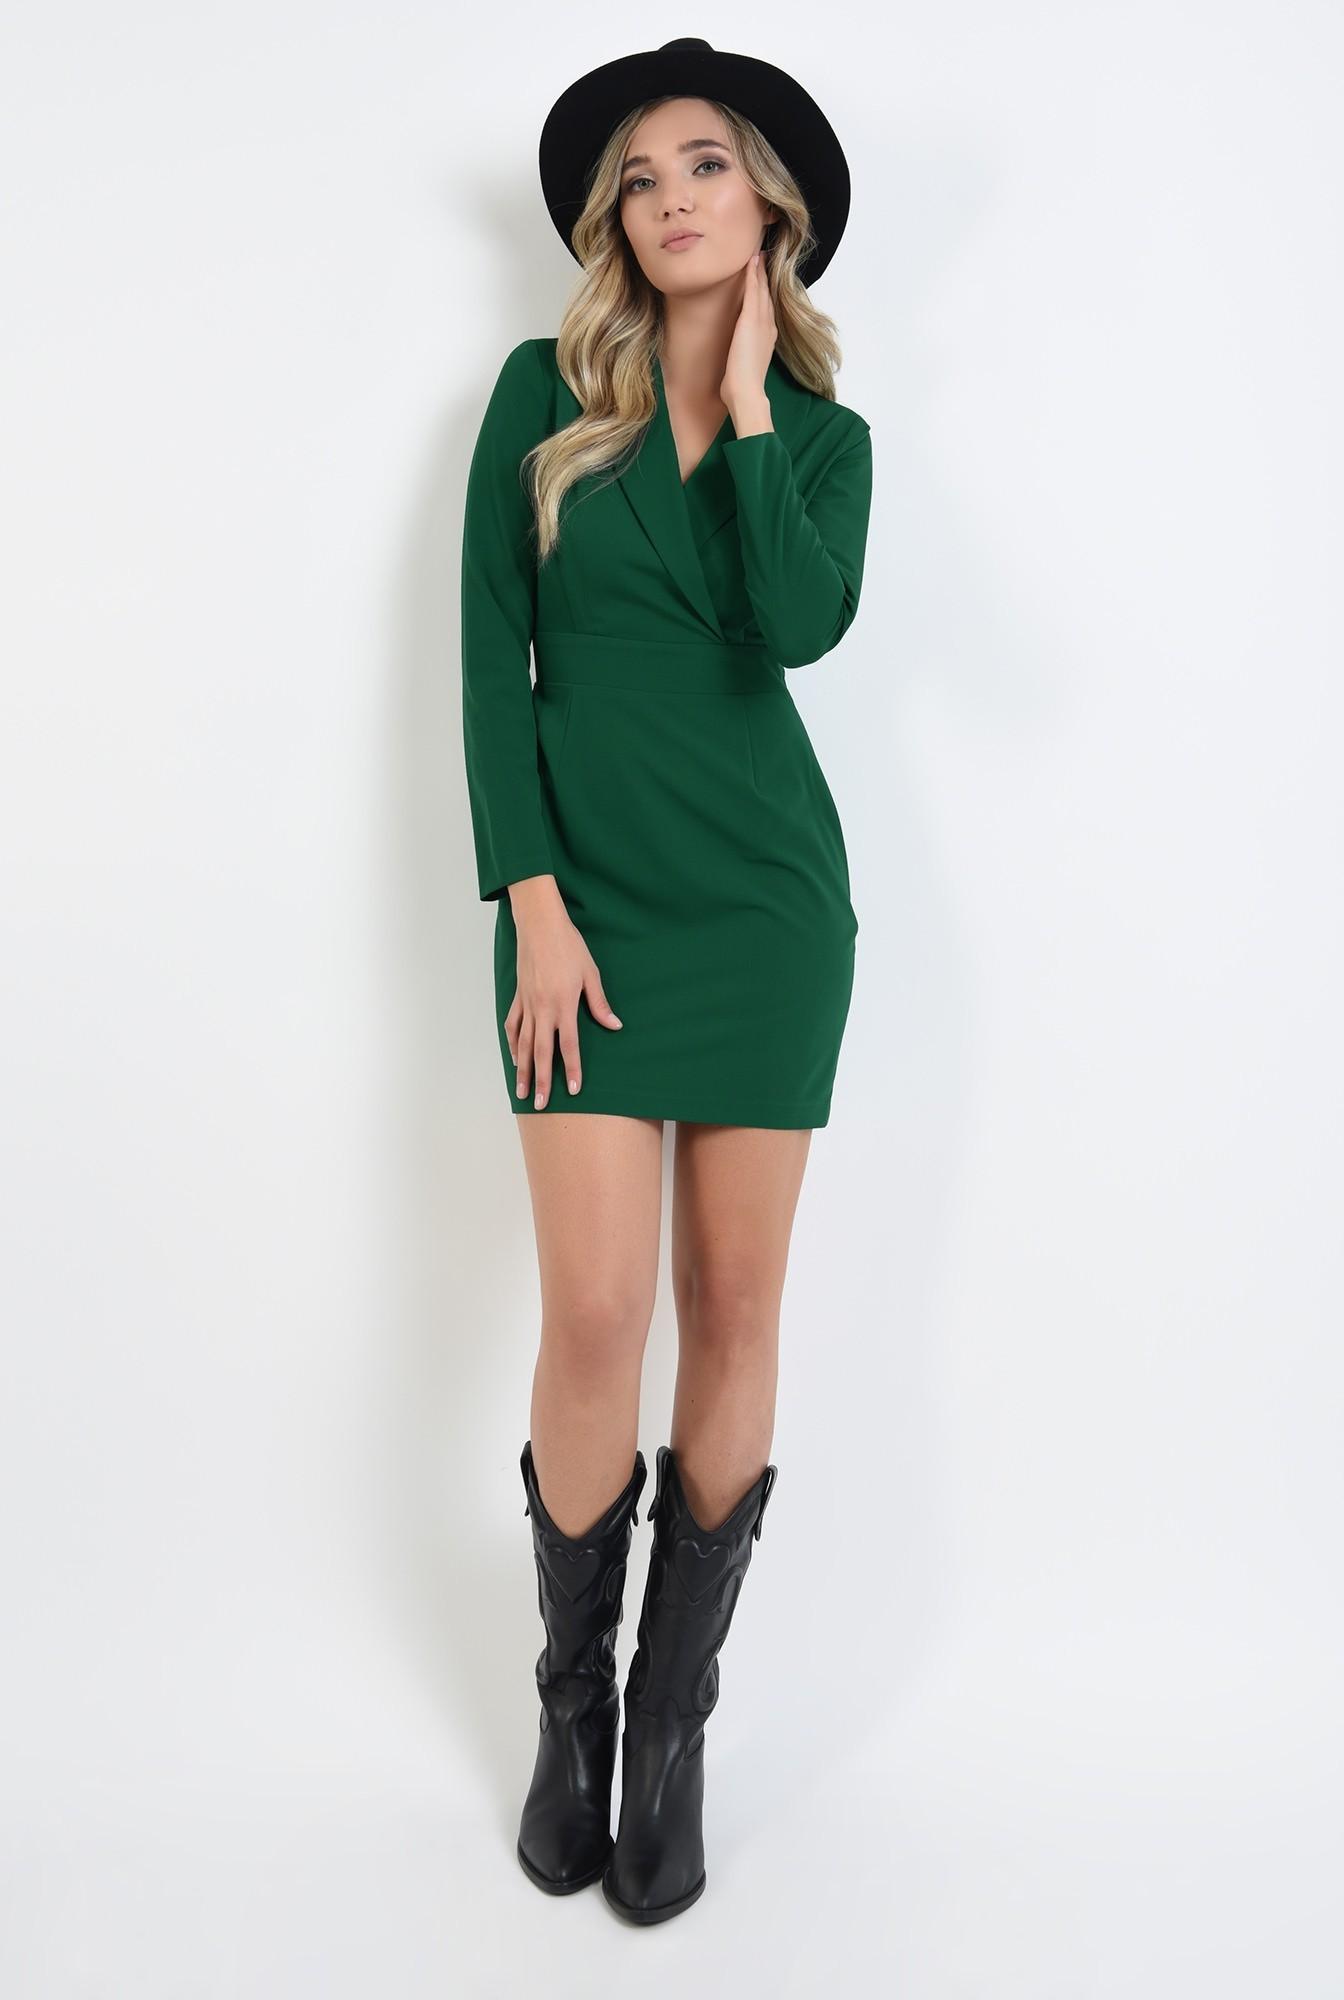 0 - rochie stil blazer, scurta, verde